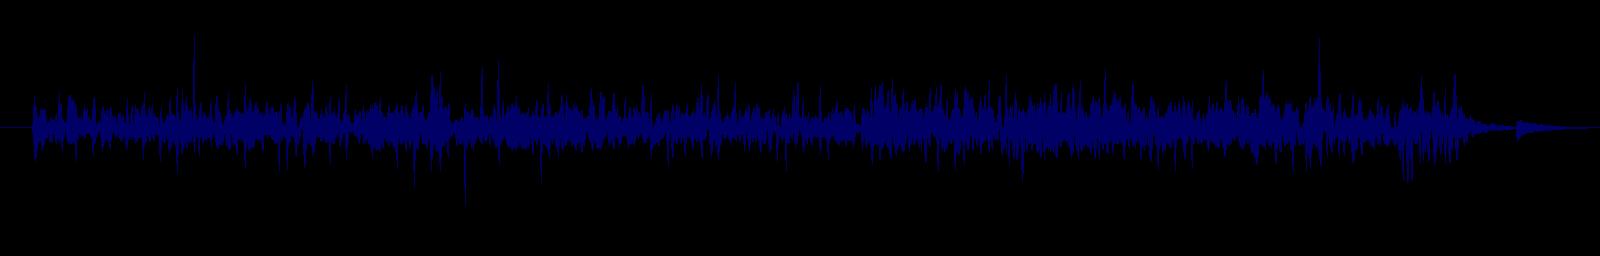 waveform of track #152428